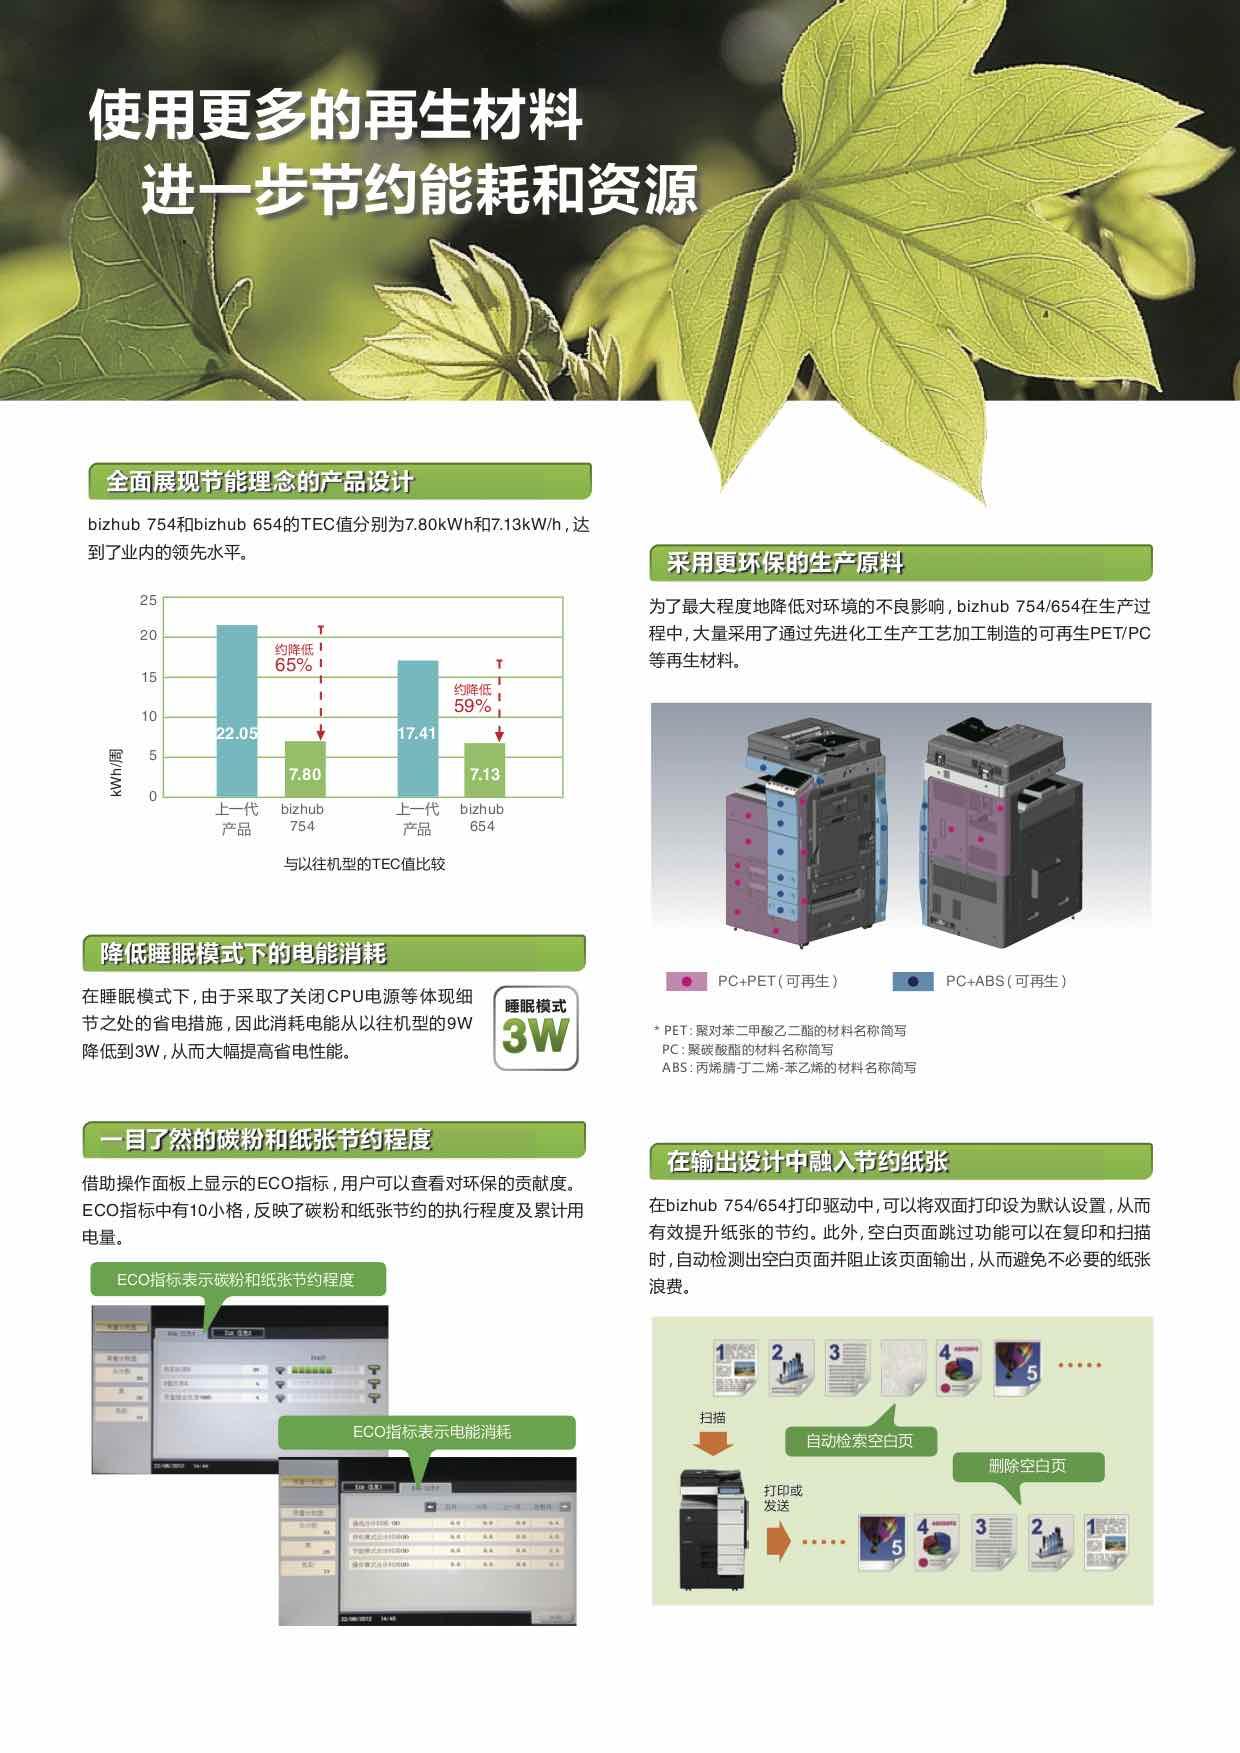 環保-bizhub_754654-10